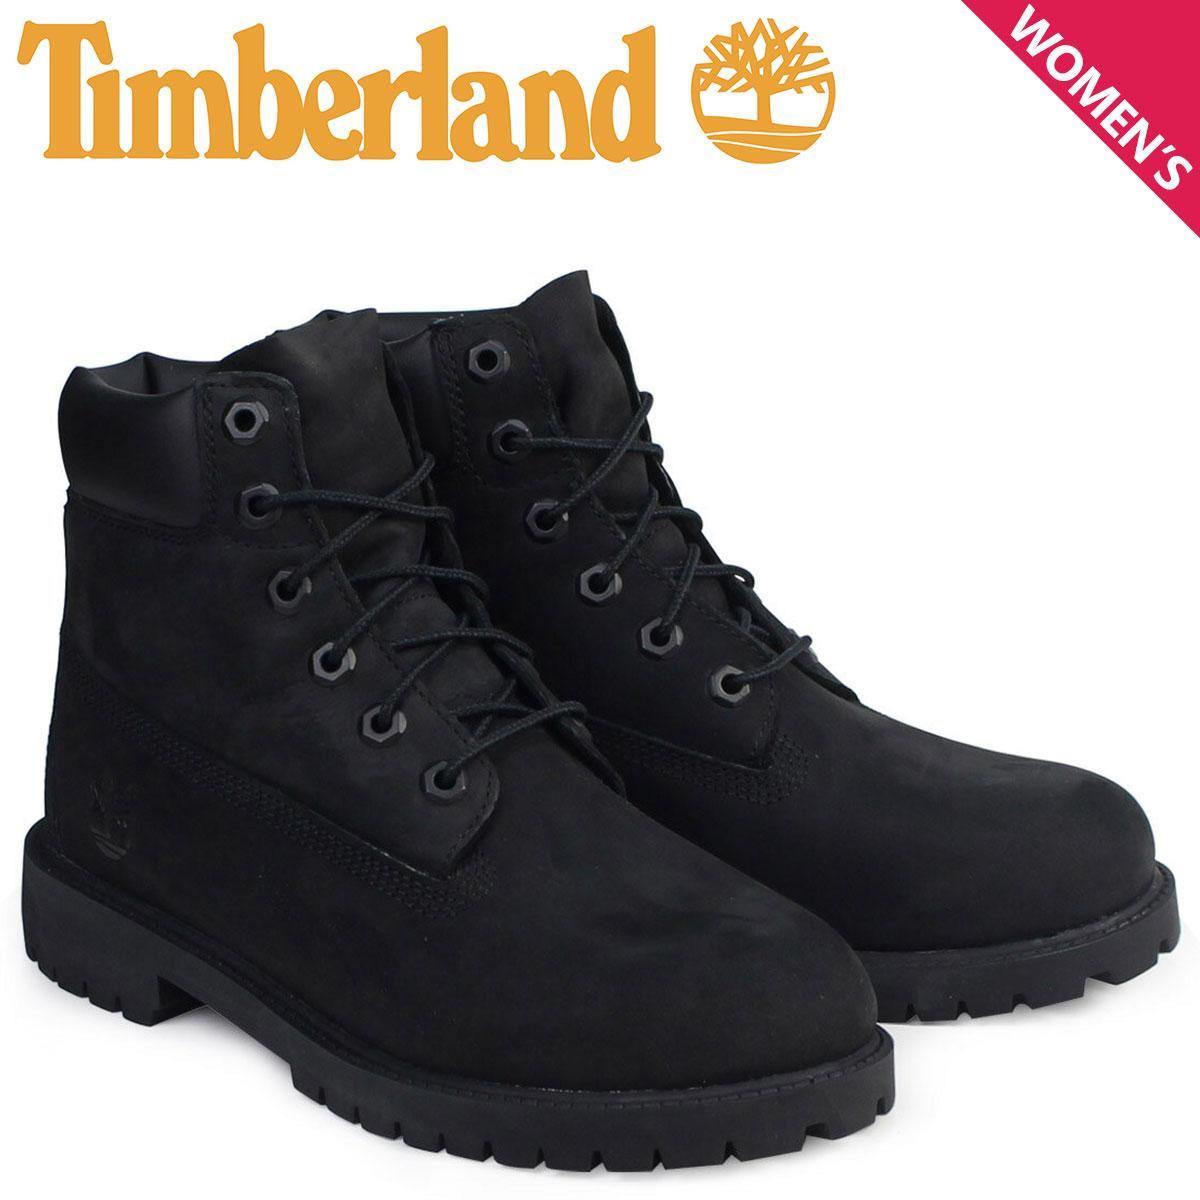 Timberland 6INCH WATERPROOF BOOTS レディース ブーツ 6インチ ティンバーランド プレミアム ウォータープルーフ 12907 ブラック